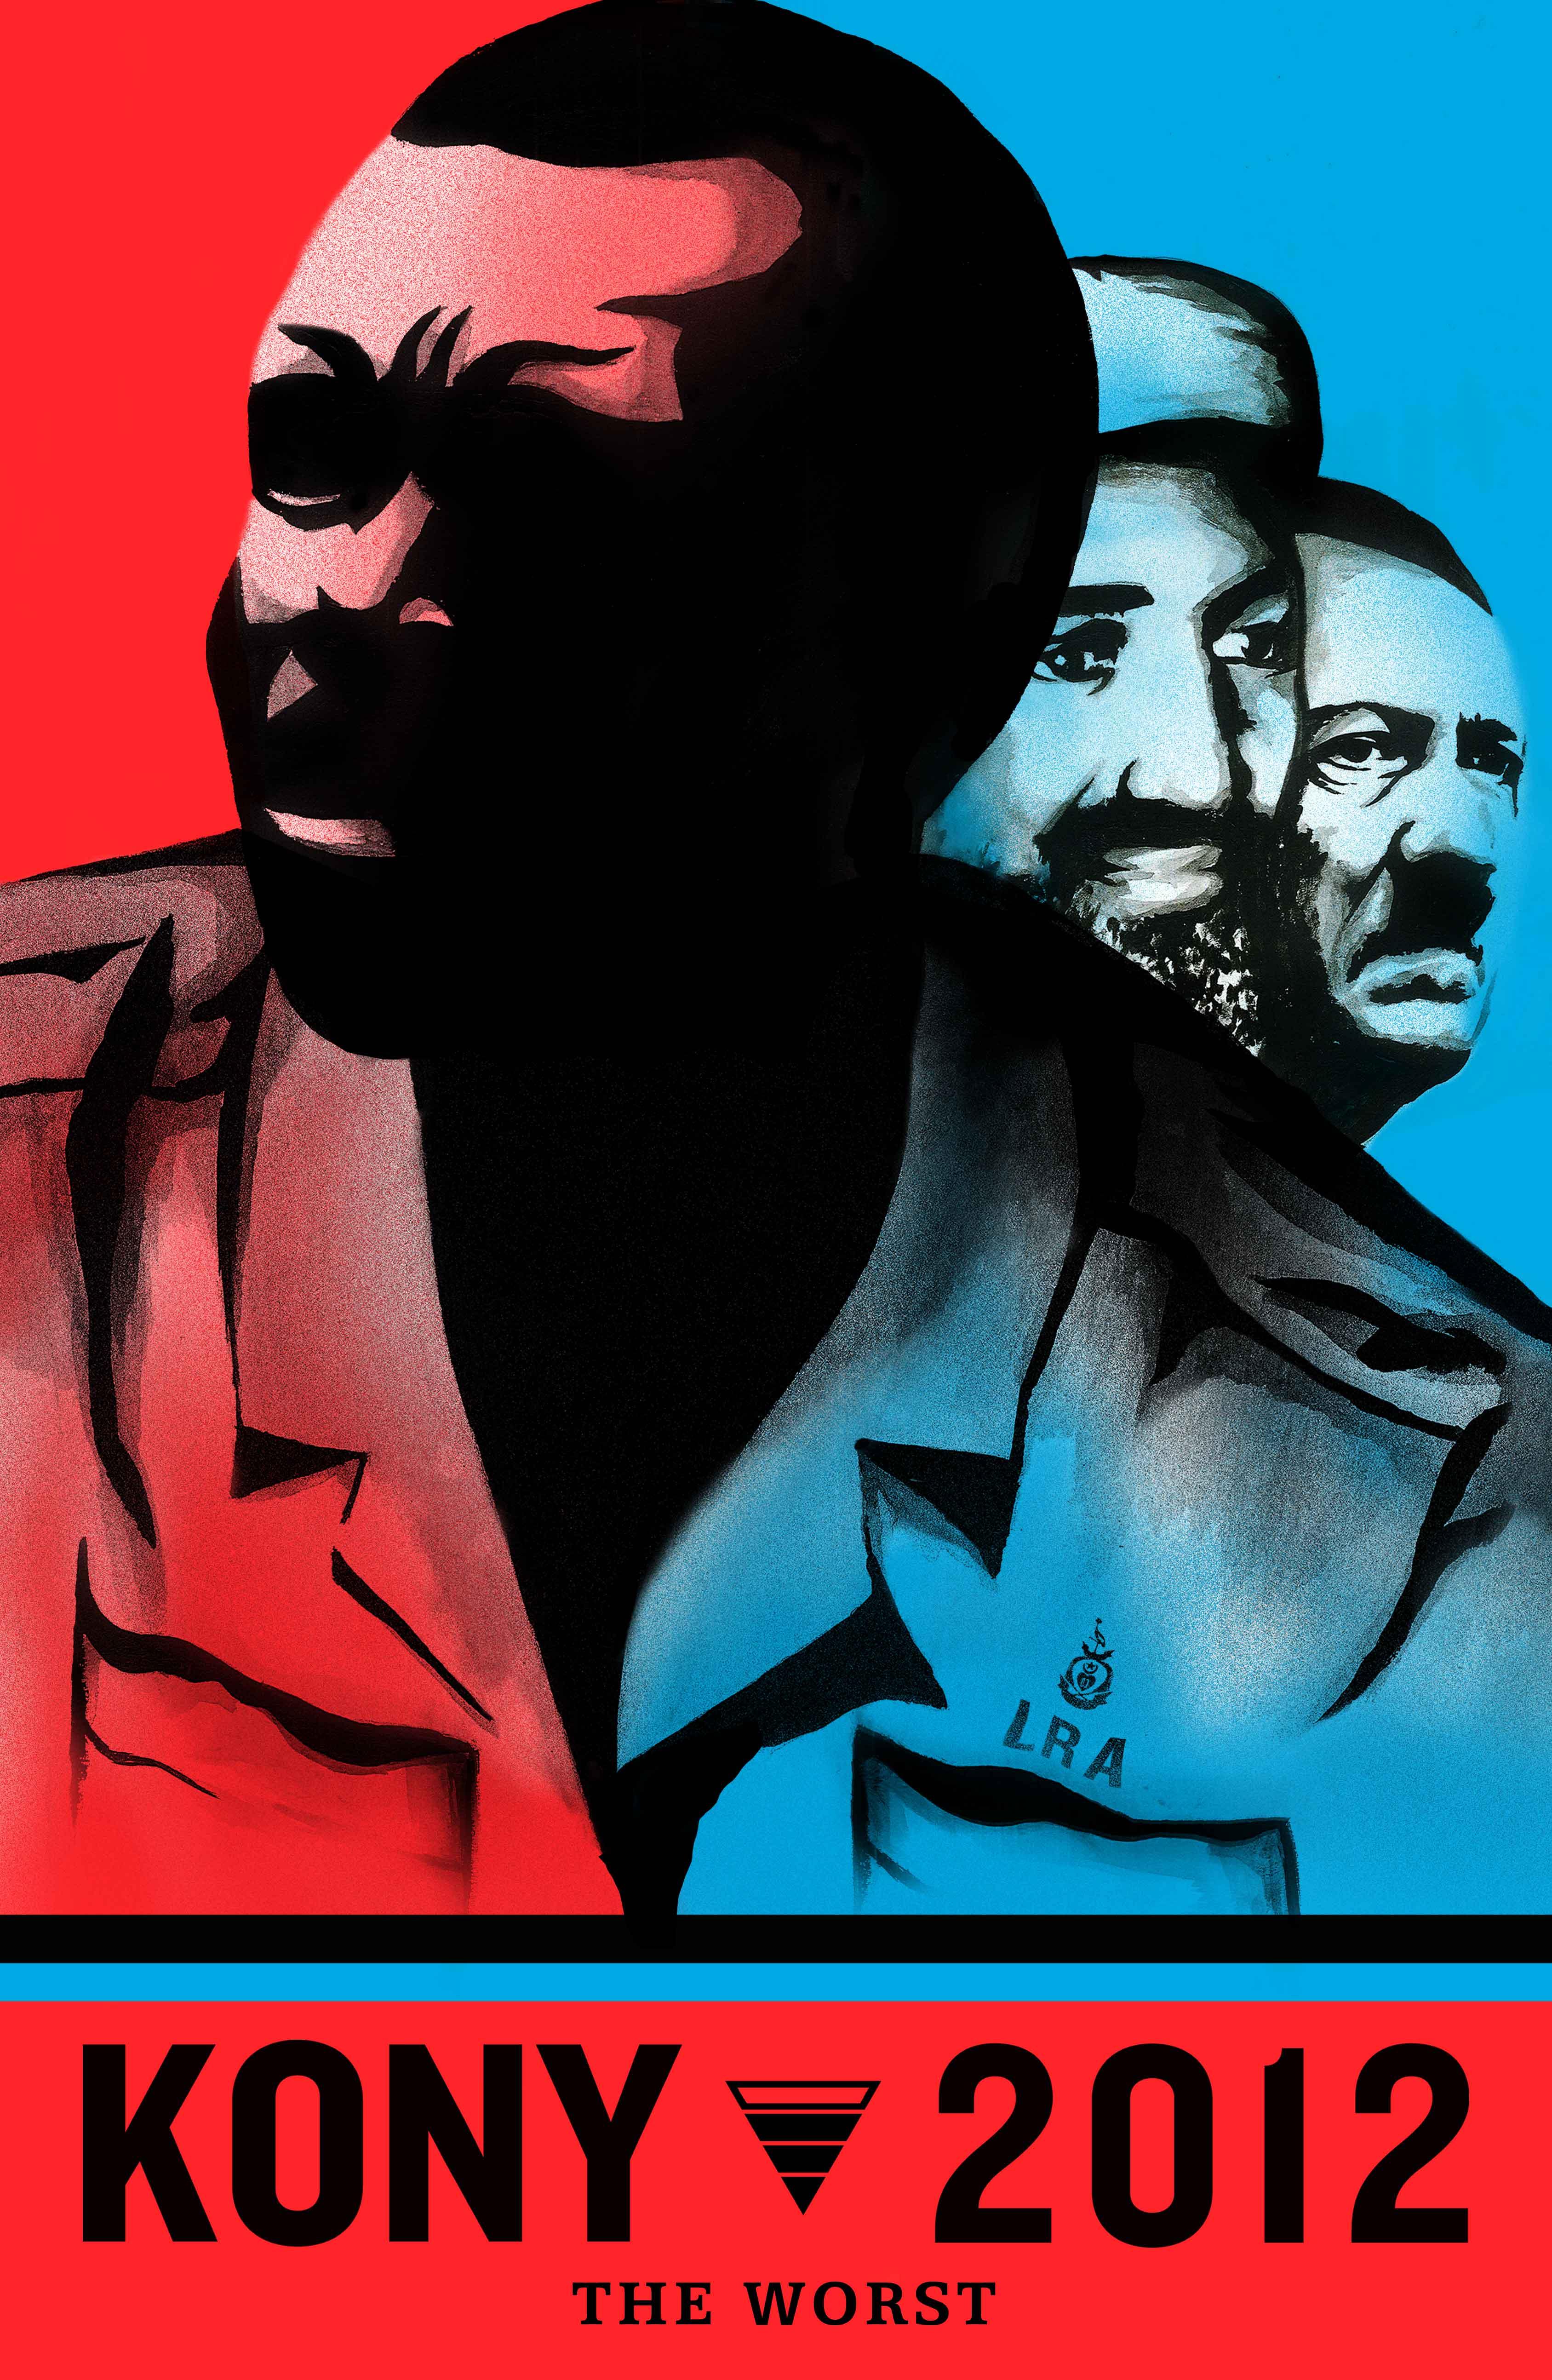 دانلود زیرنویس فارسی فیلم Kony 2012